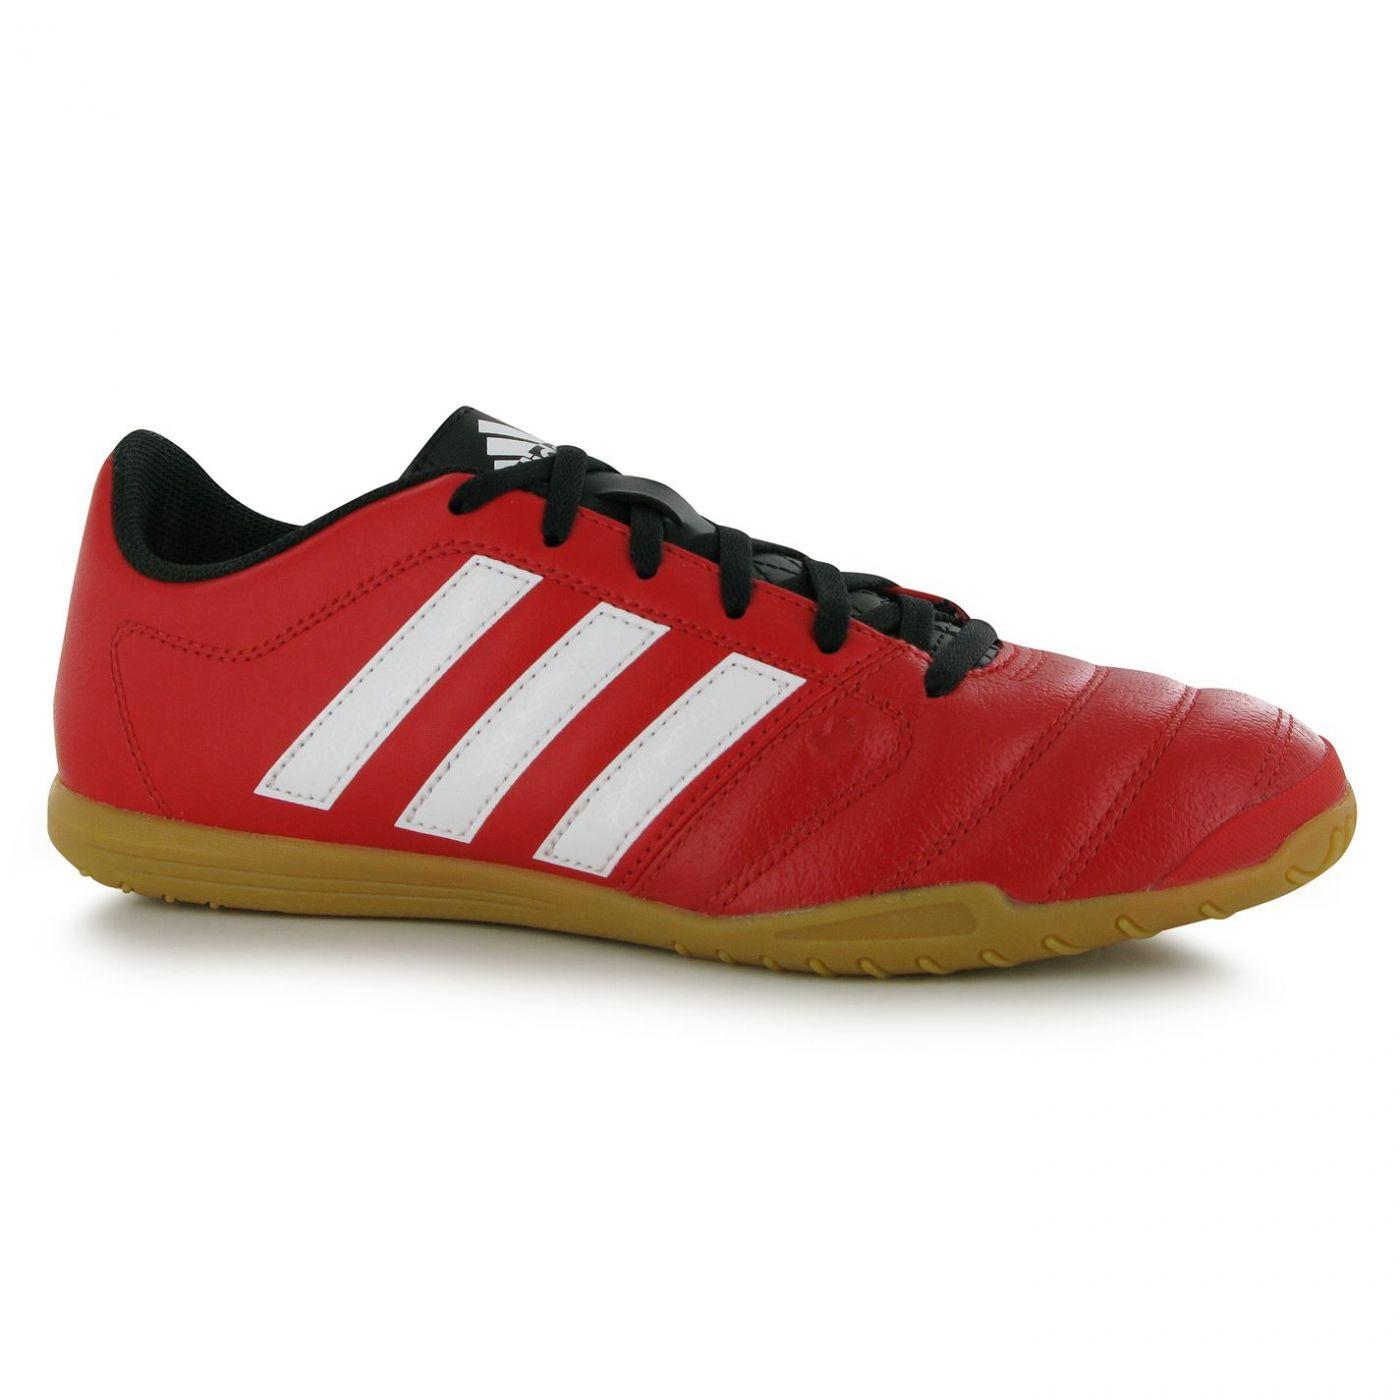 bordado césped soltero  adidas Gloro 16.2 Indoor Football Trainers Mens